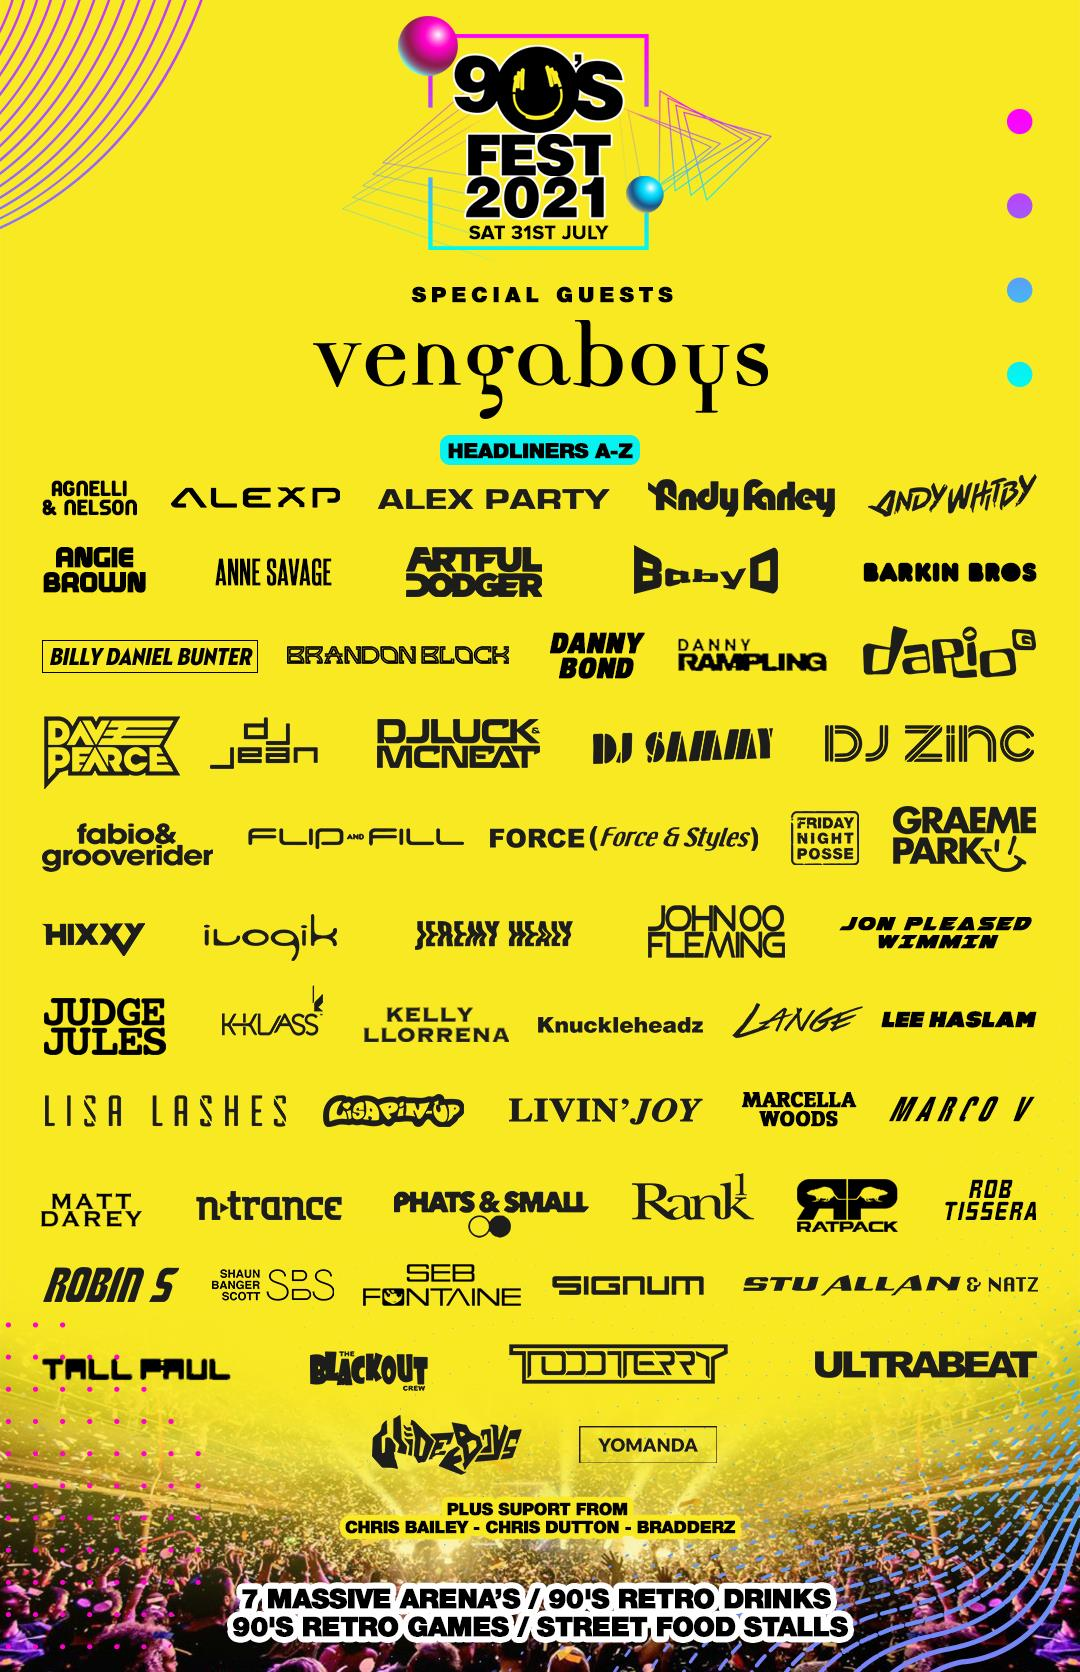 90's Fest 2021 Cashless Vouchers